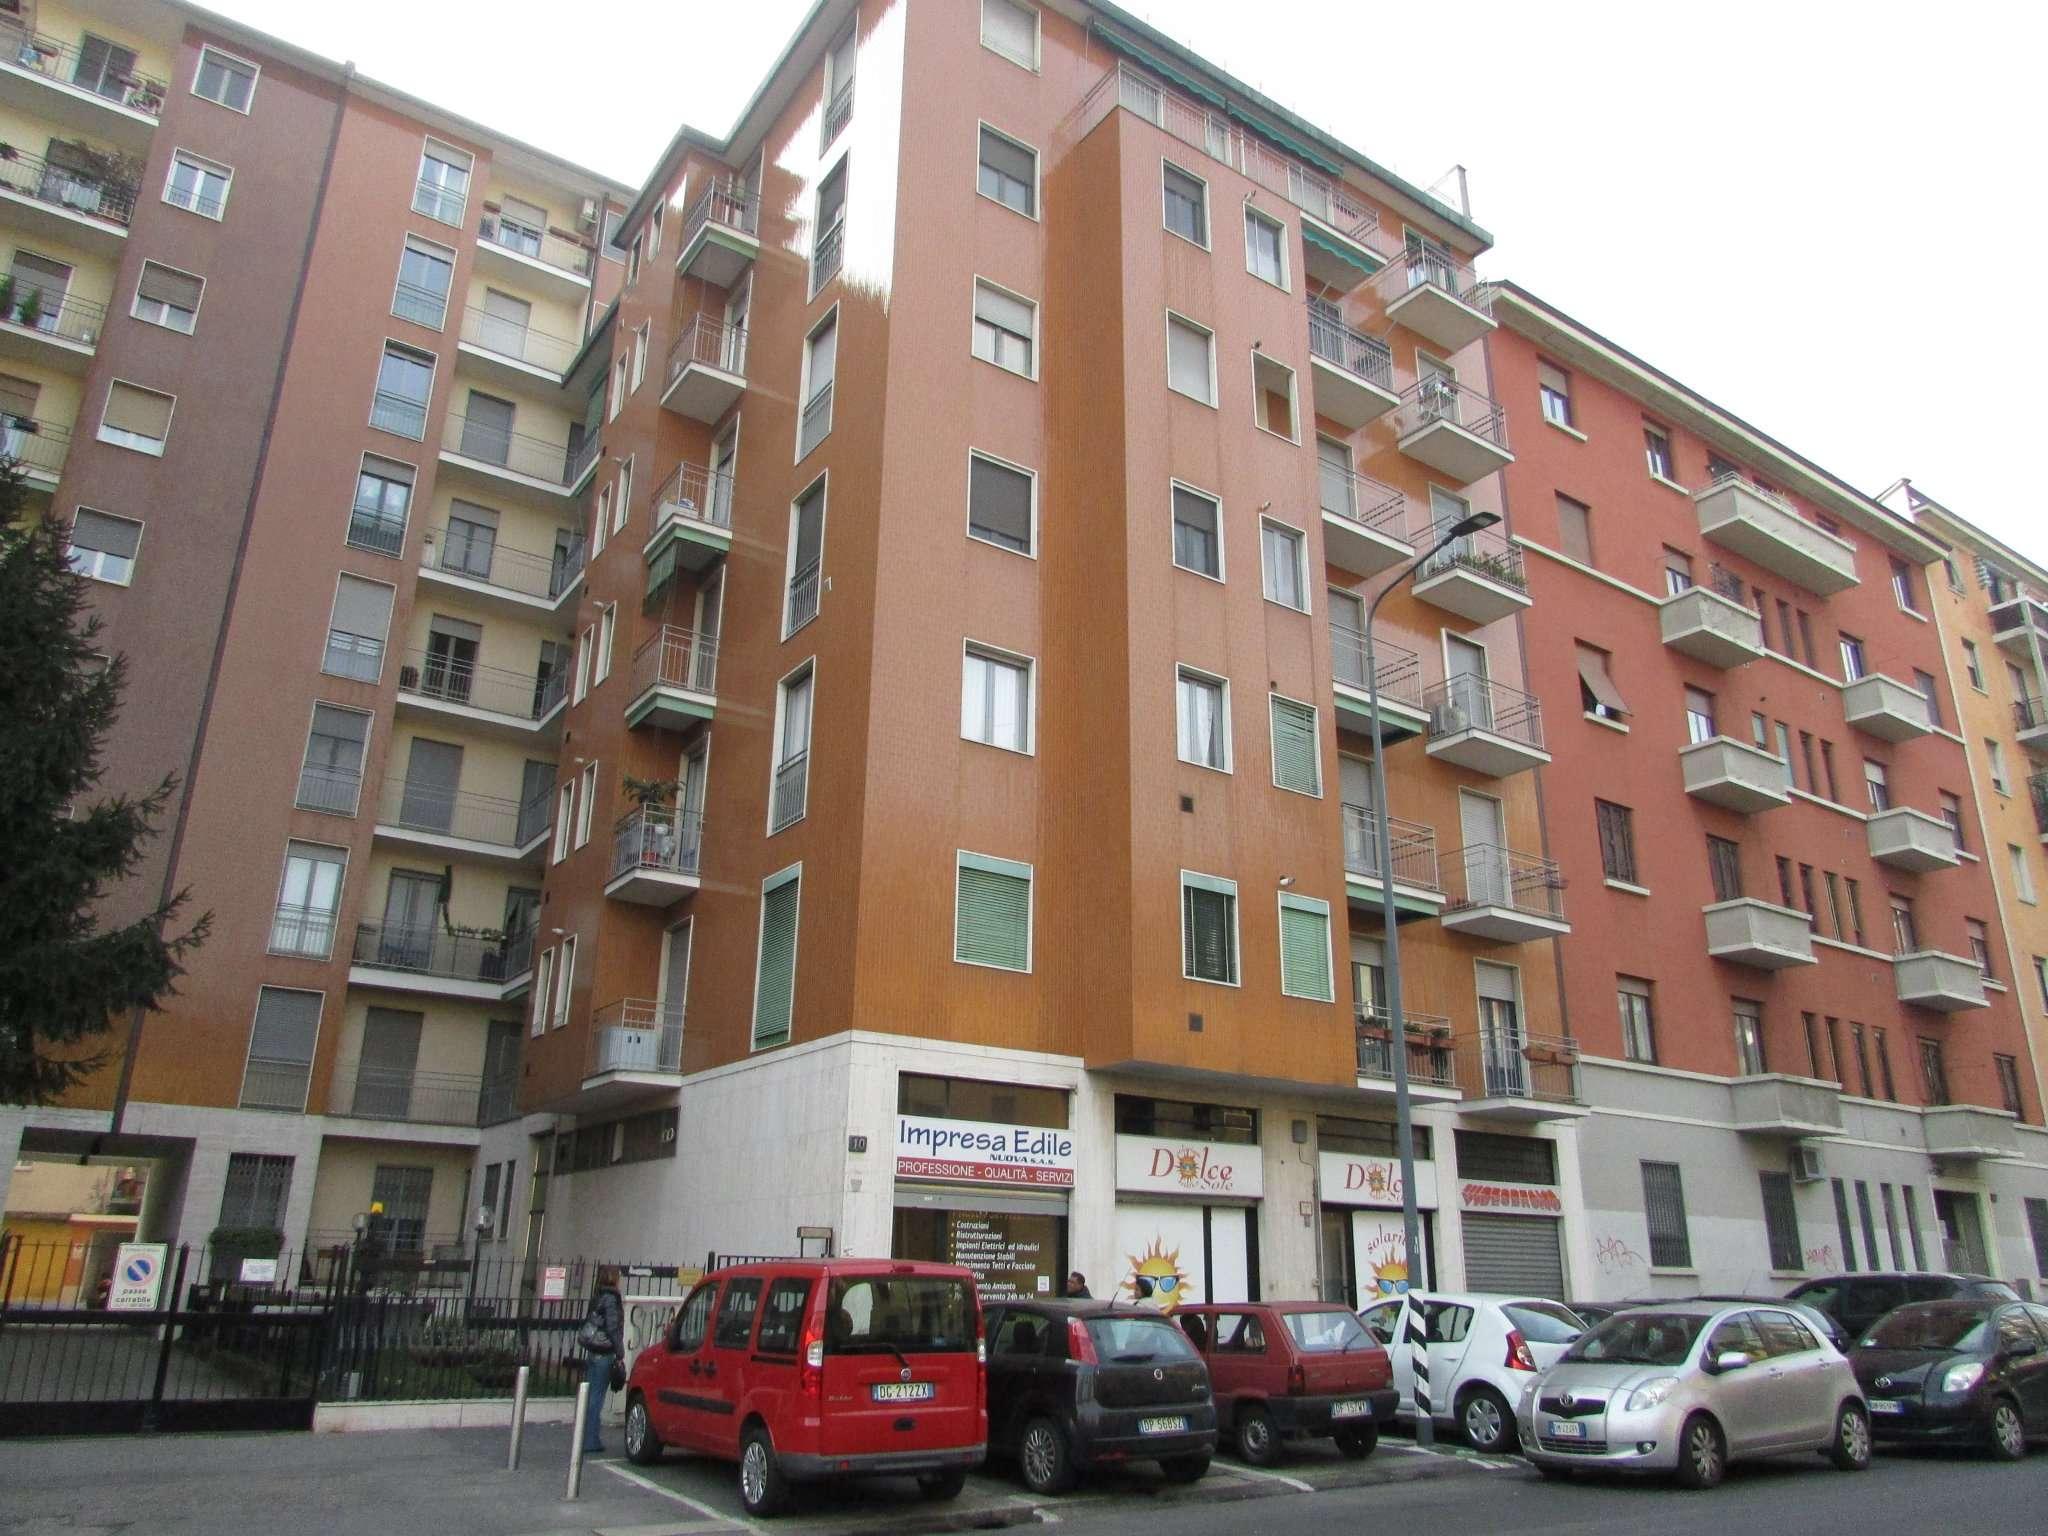 Negozio / Locale in affitto a Milano, 1 locali, zona Zona: 7 . Corvetto, Lodi, Forlanini, Umbria, Rogoredo, prezzo € 600 | CambioCasa.it